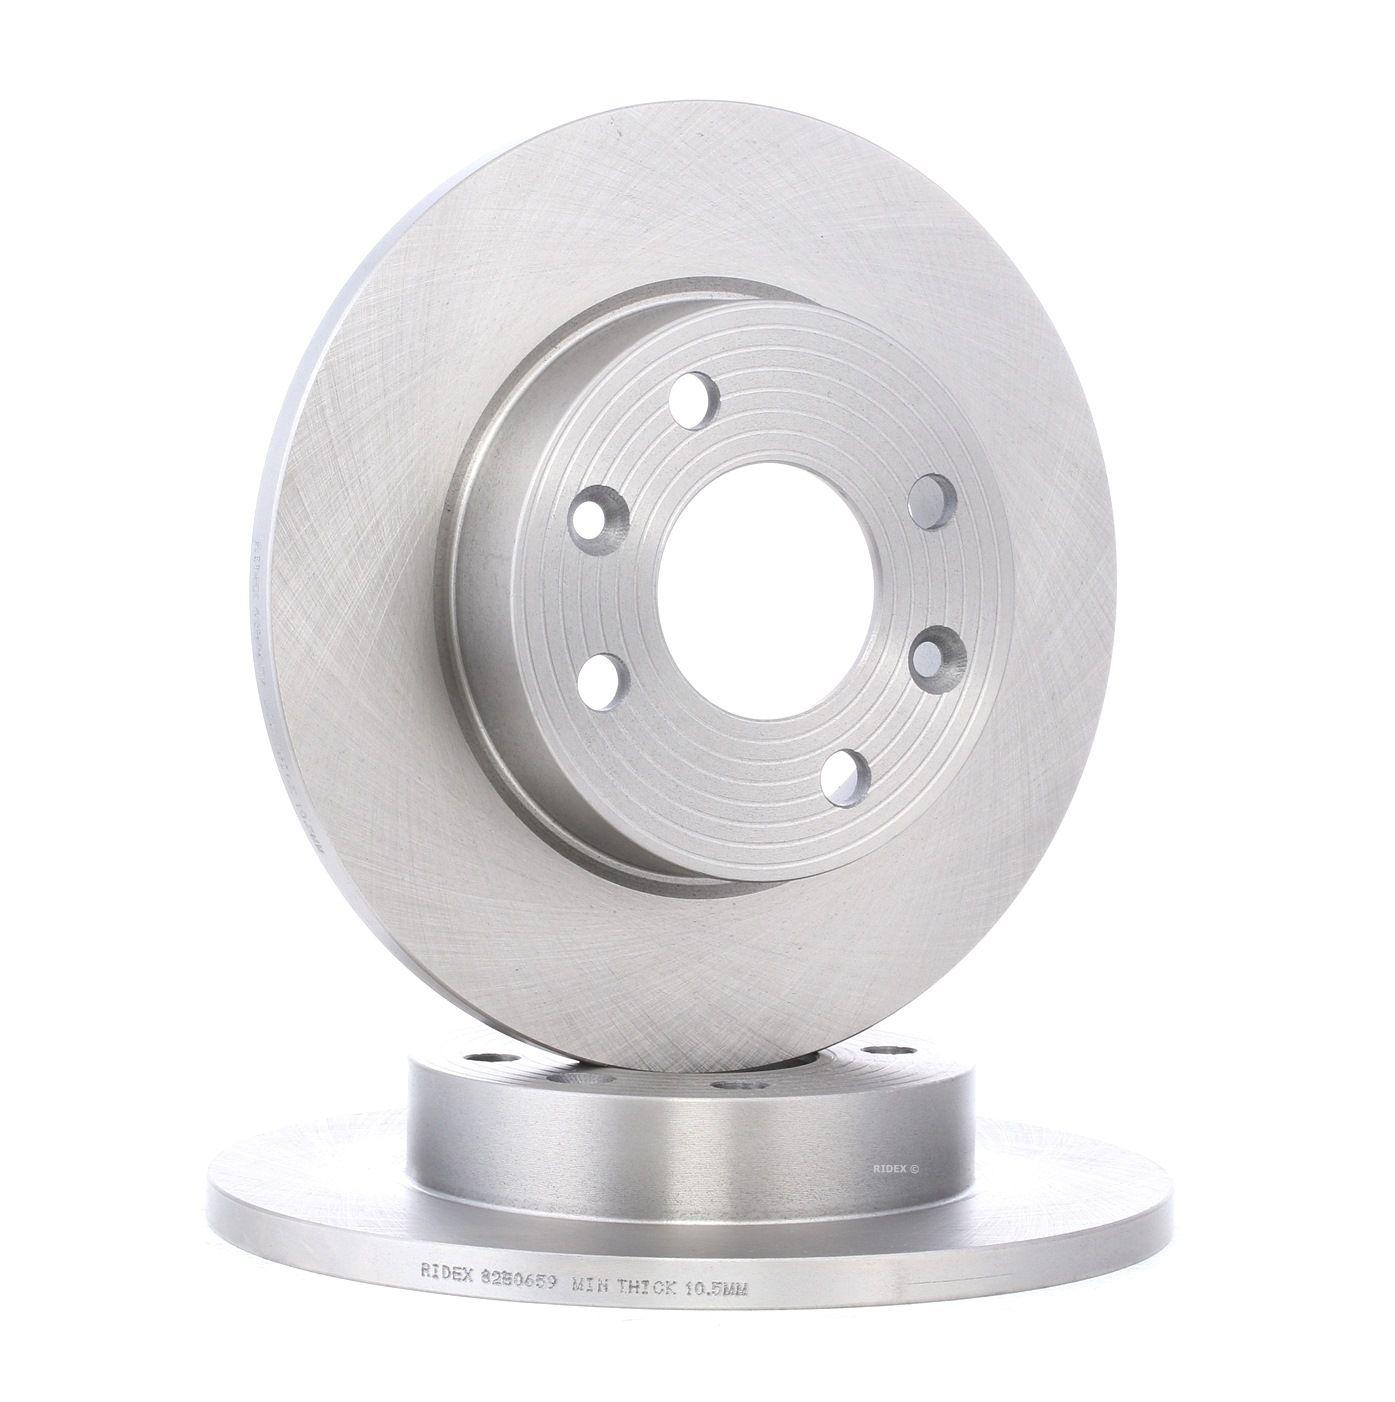 Achat de 82B0659 RIDEX Essieu avant, plein, sans boulon de fix° de roue, sans moyeu de roue Ø: 238,0mm, Épaisseur du disque de frein: 12mm Disque de frein 82B0659 pas chères